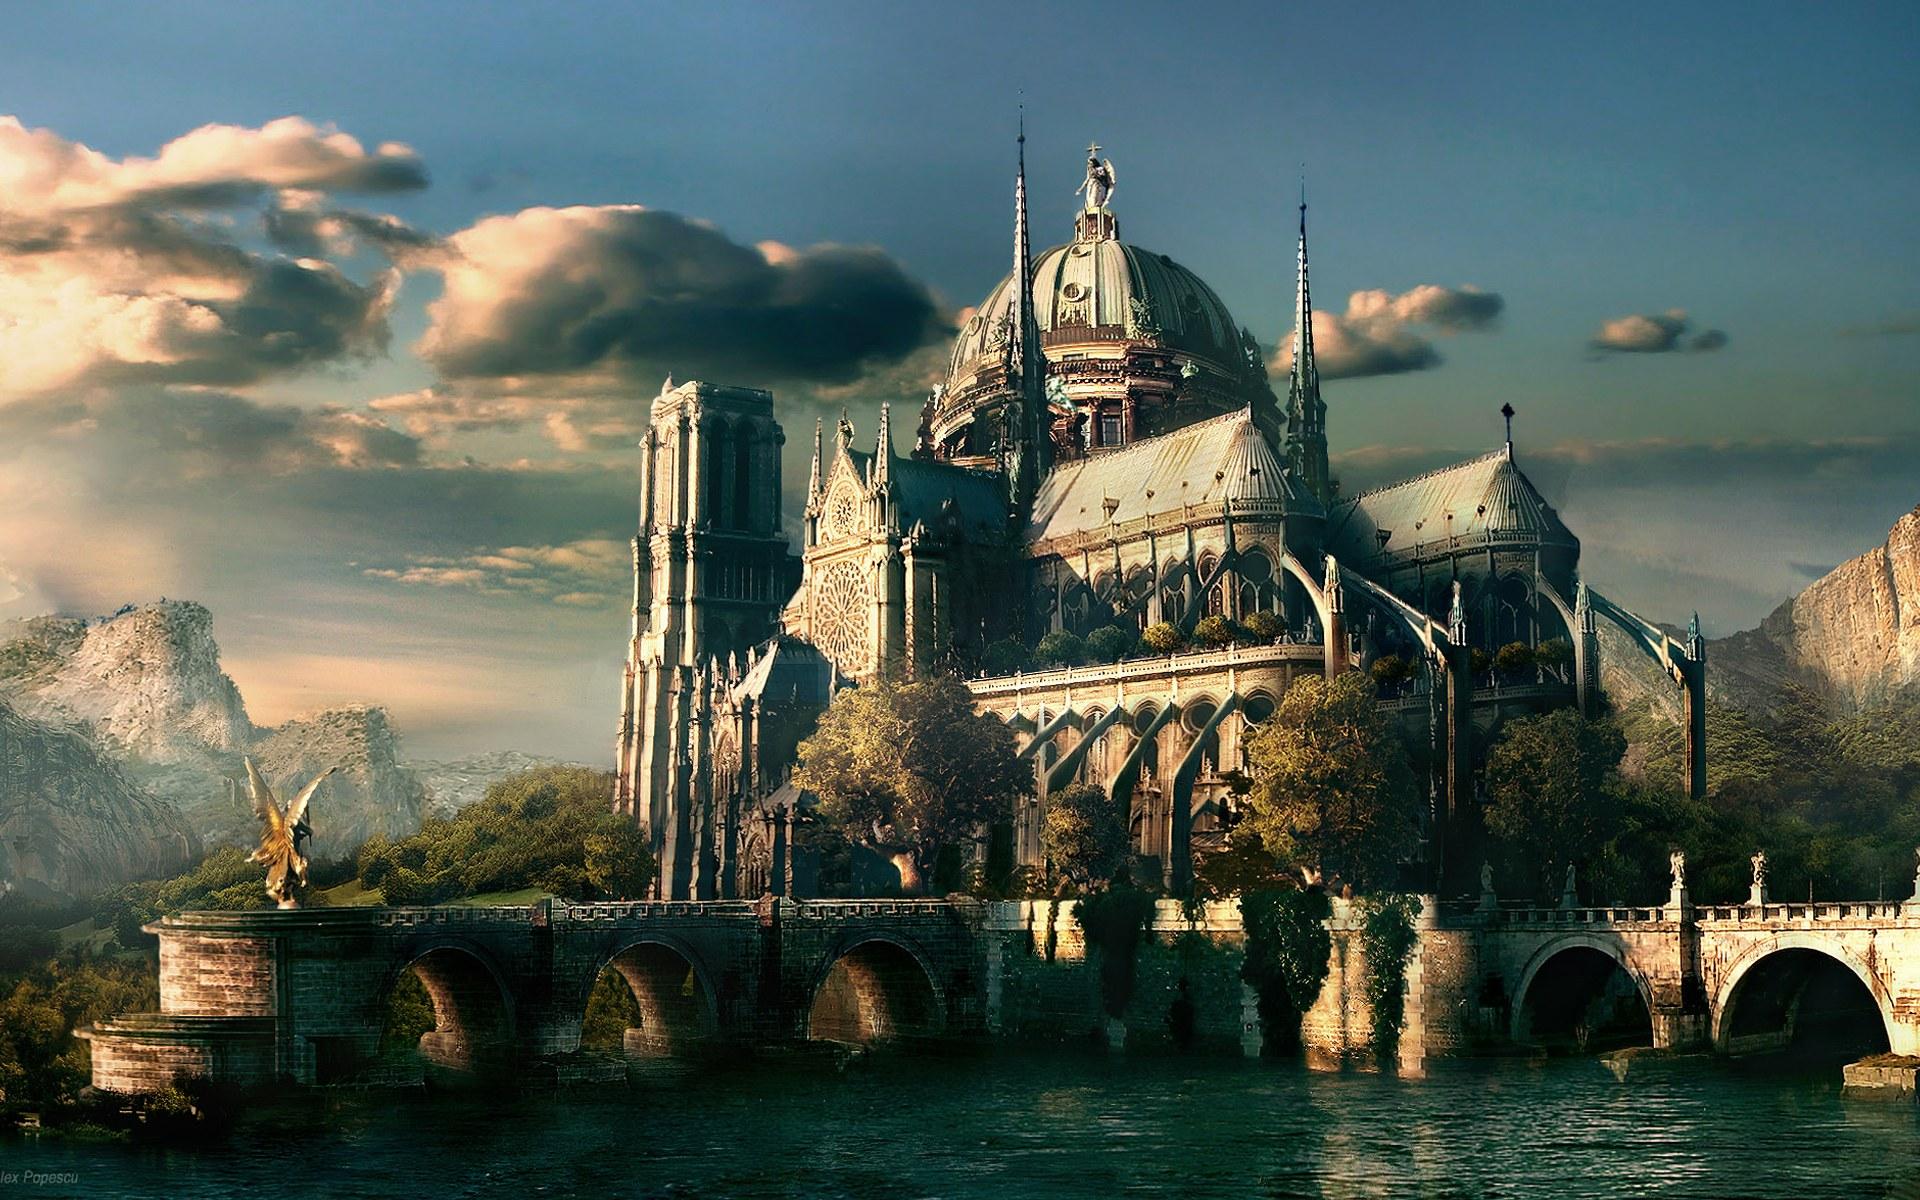 castle art scenery fantasy wallpaper hd